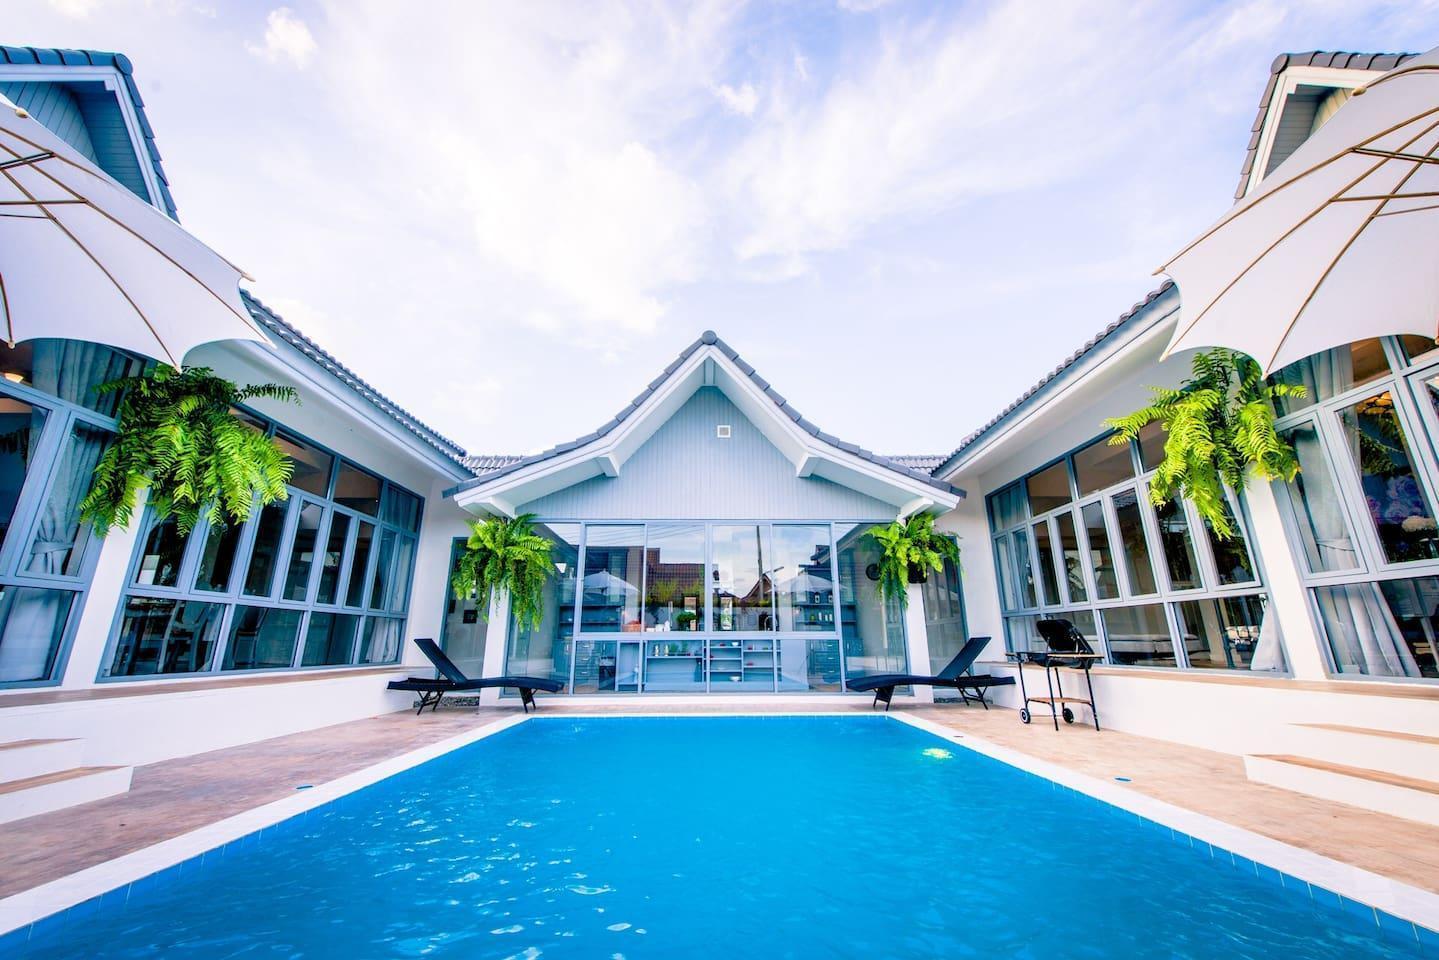 The Garden Chiang Mai Pool Villa The Garden Chiang Mai Pool Villa